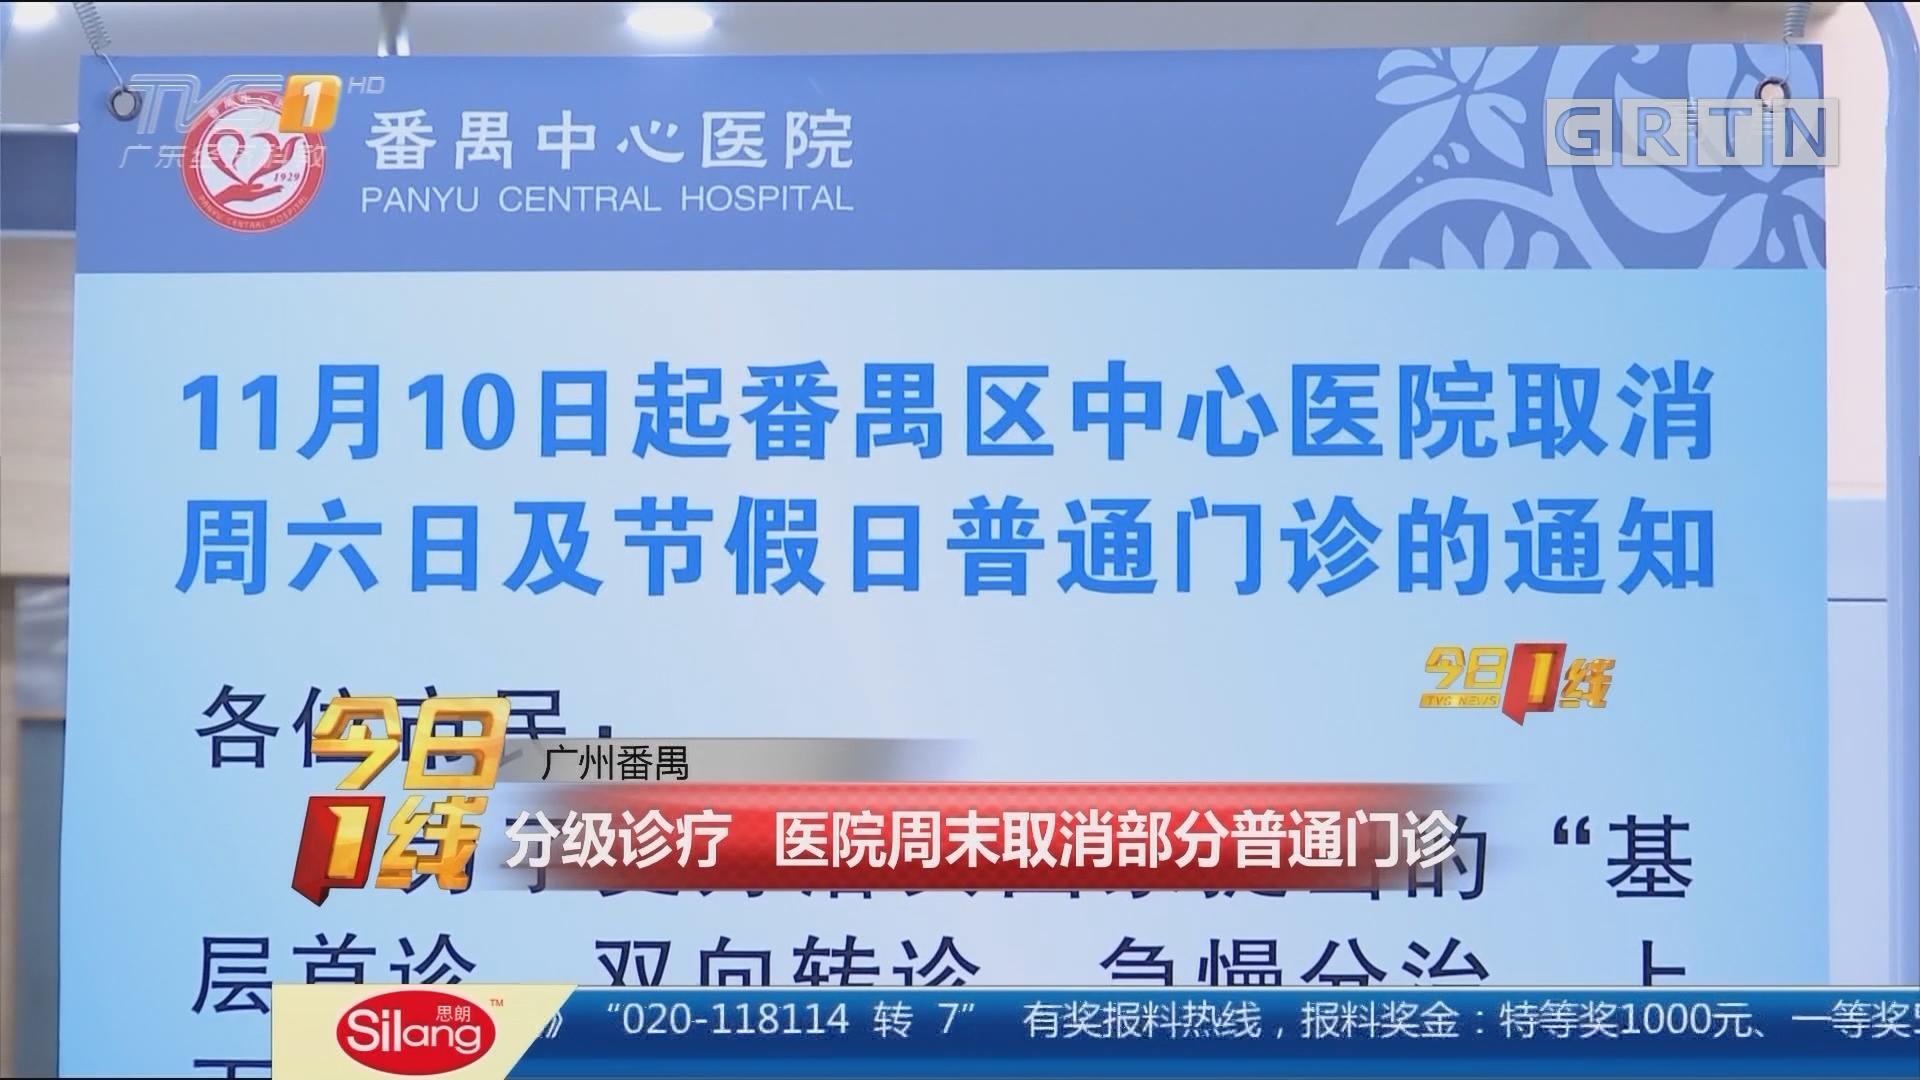 广州番禺:分级诊疗 医院周末取消部分普通门诊